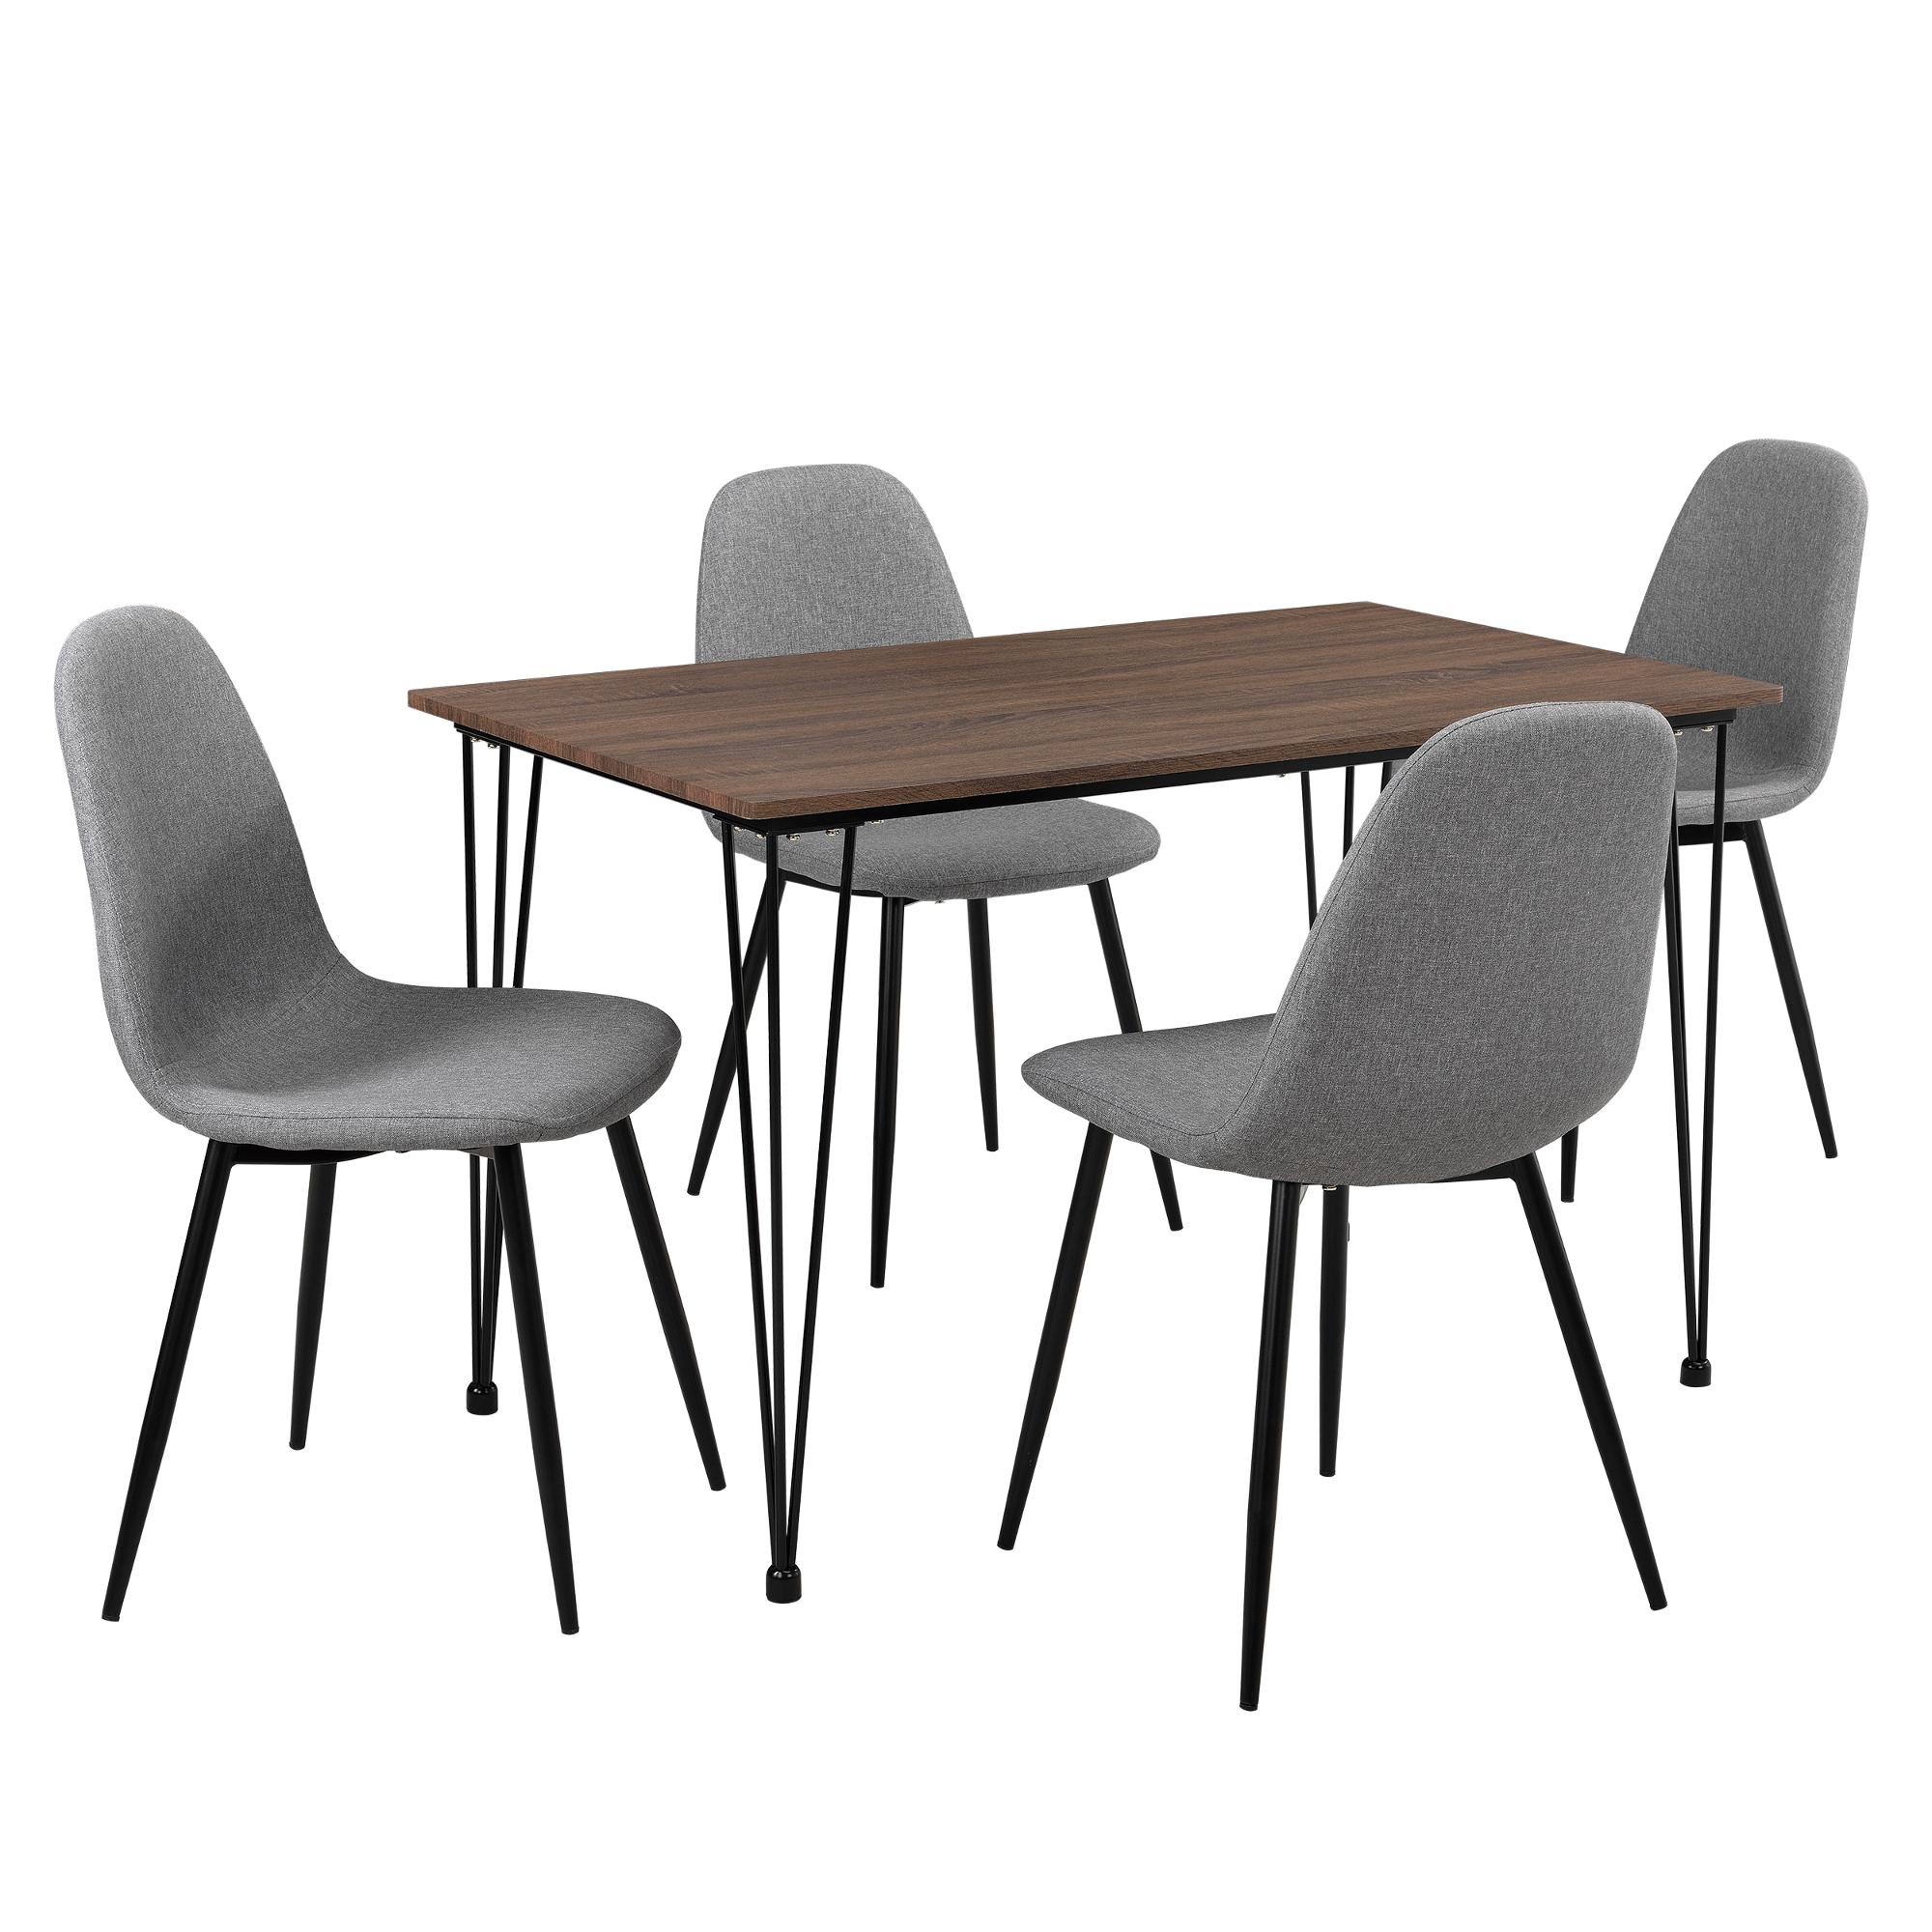 en.casa]® Esstisch mit 4 Stühlen grau 120x70cm Küchentisch ...